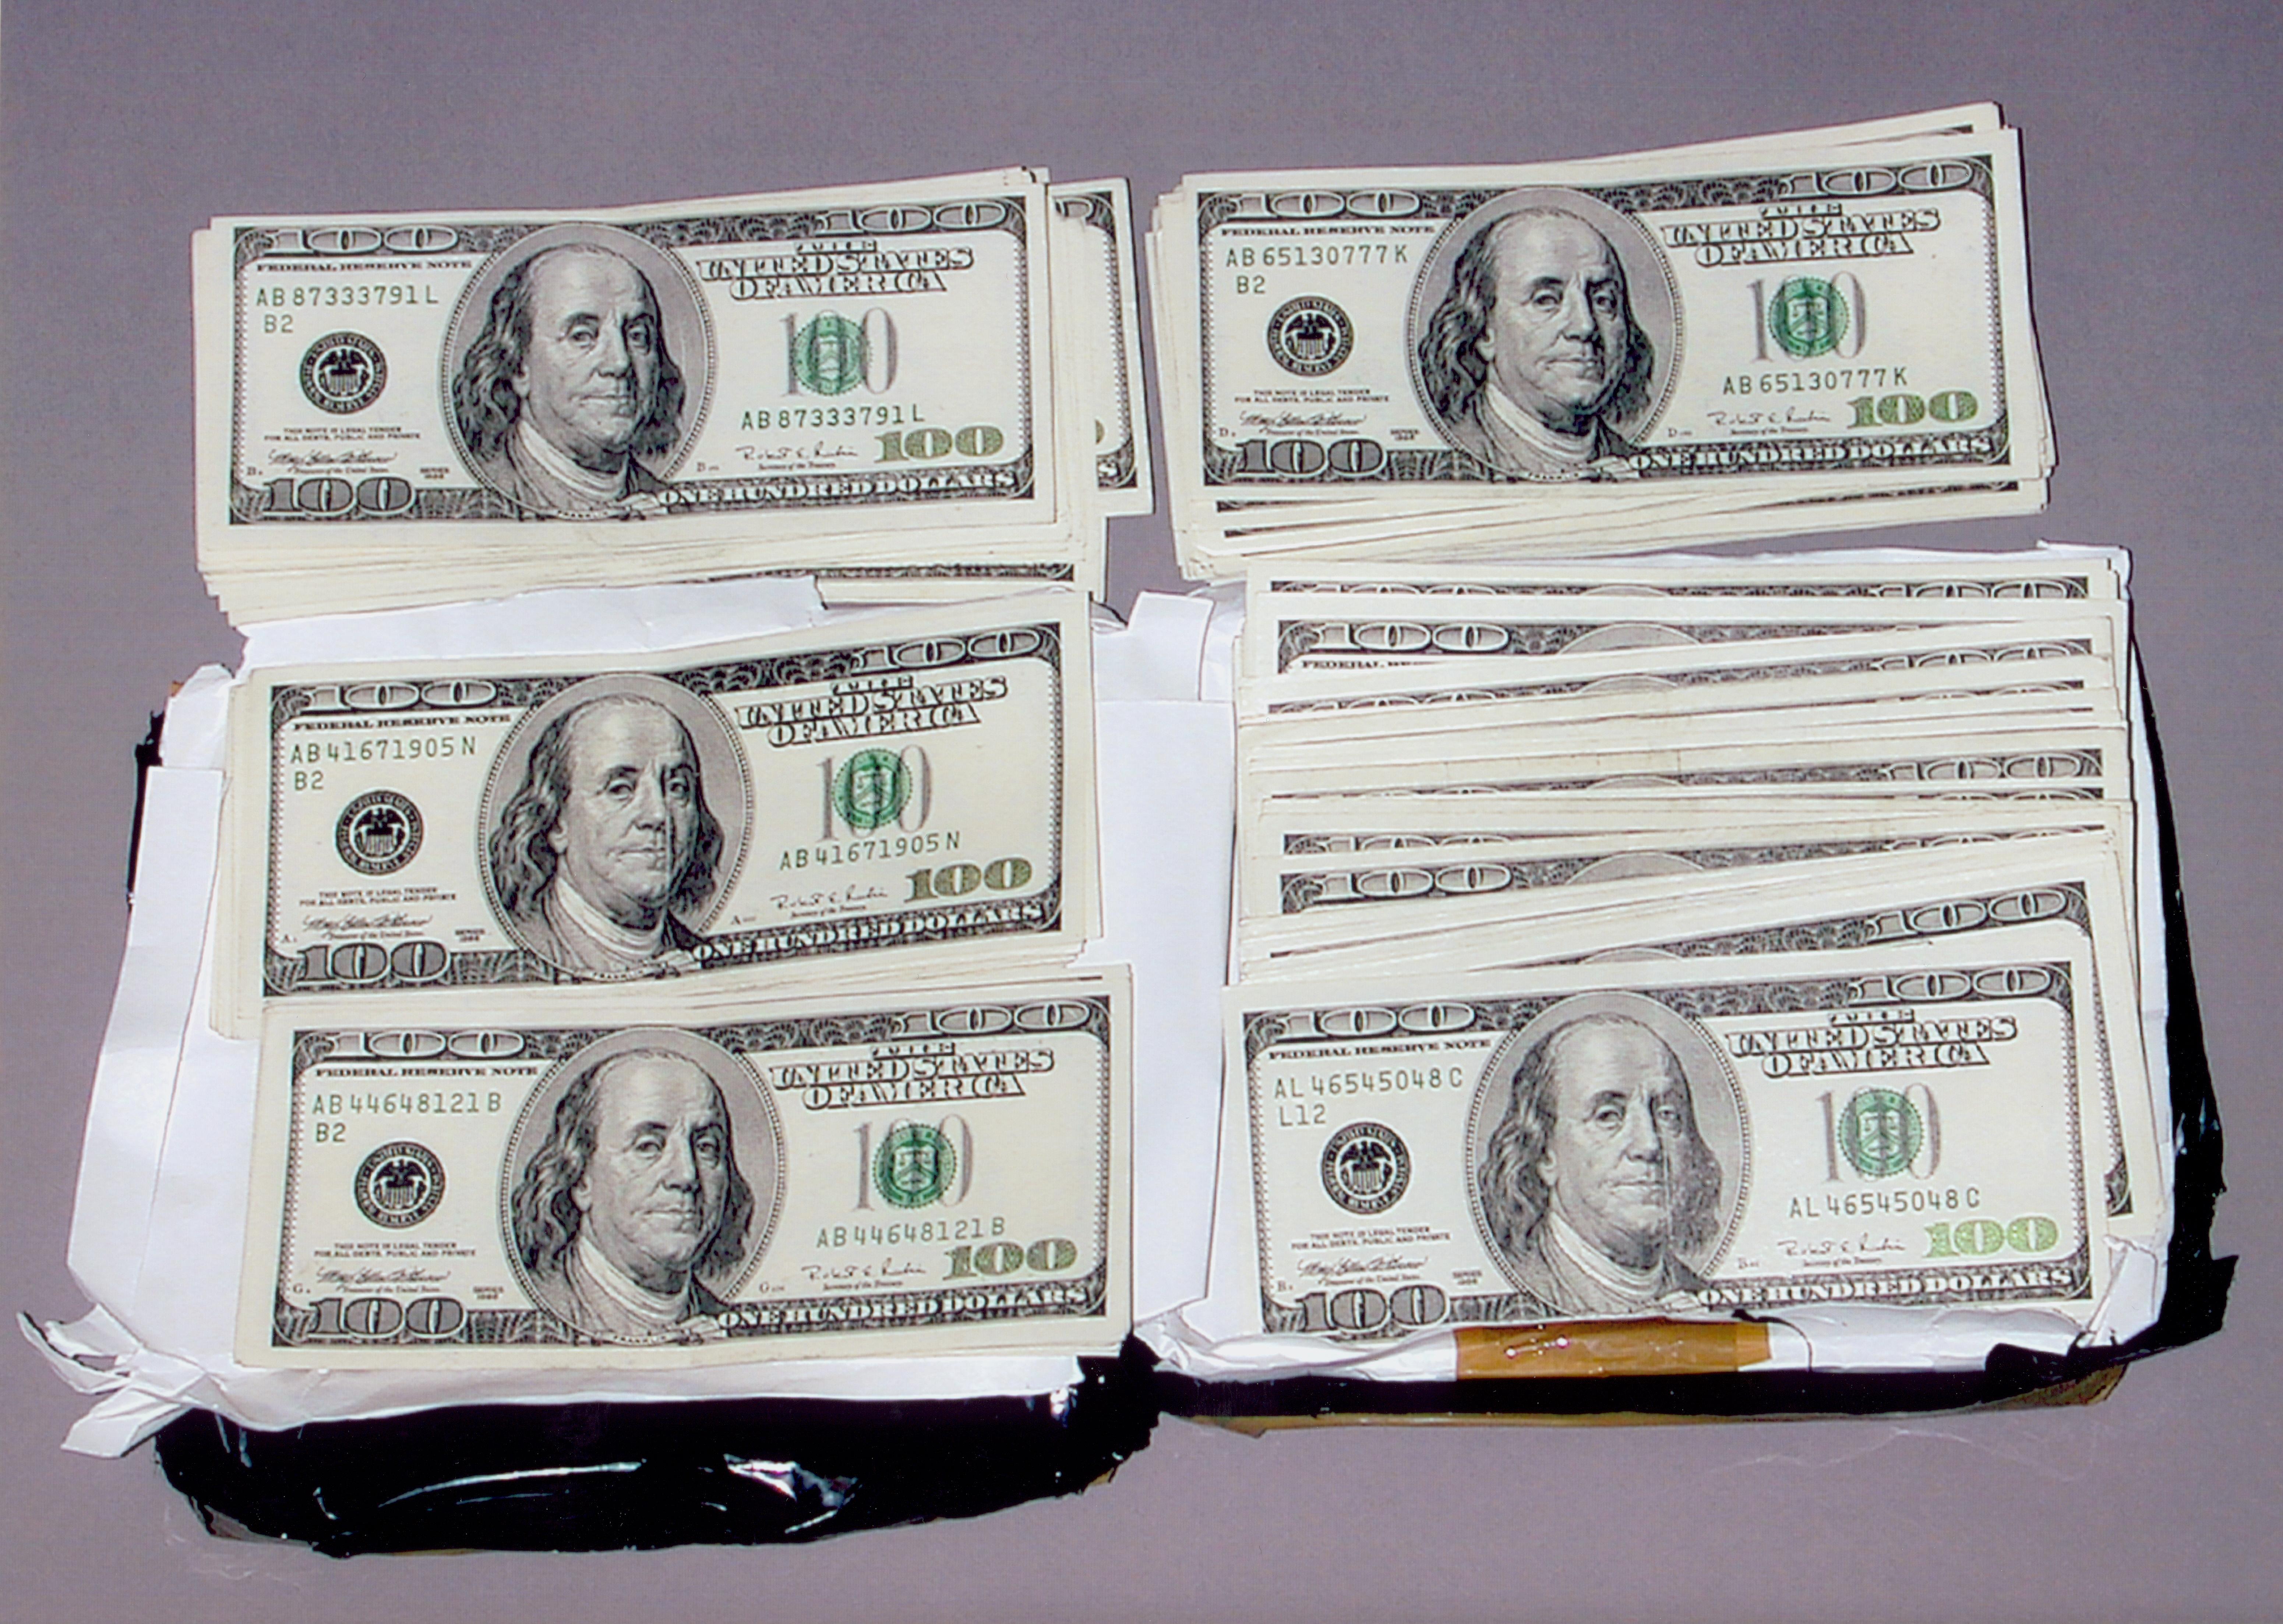 Cash Left by Russians for Robert Hanssen